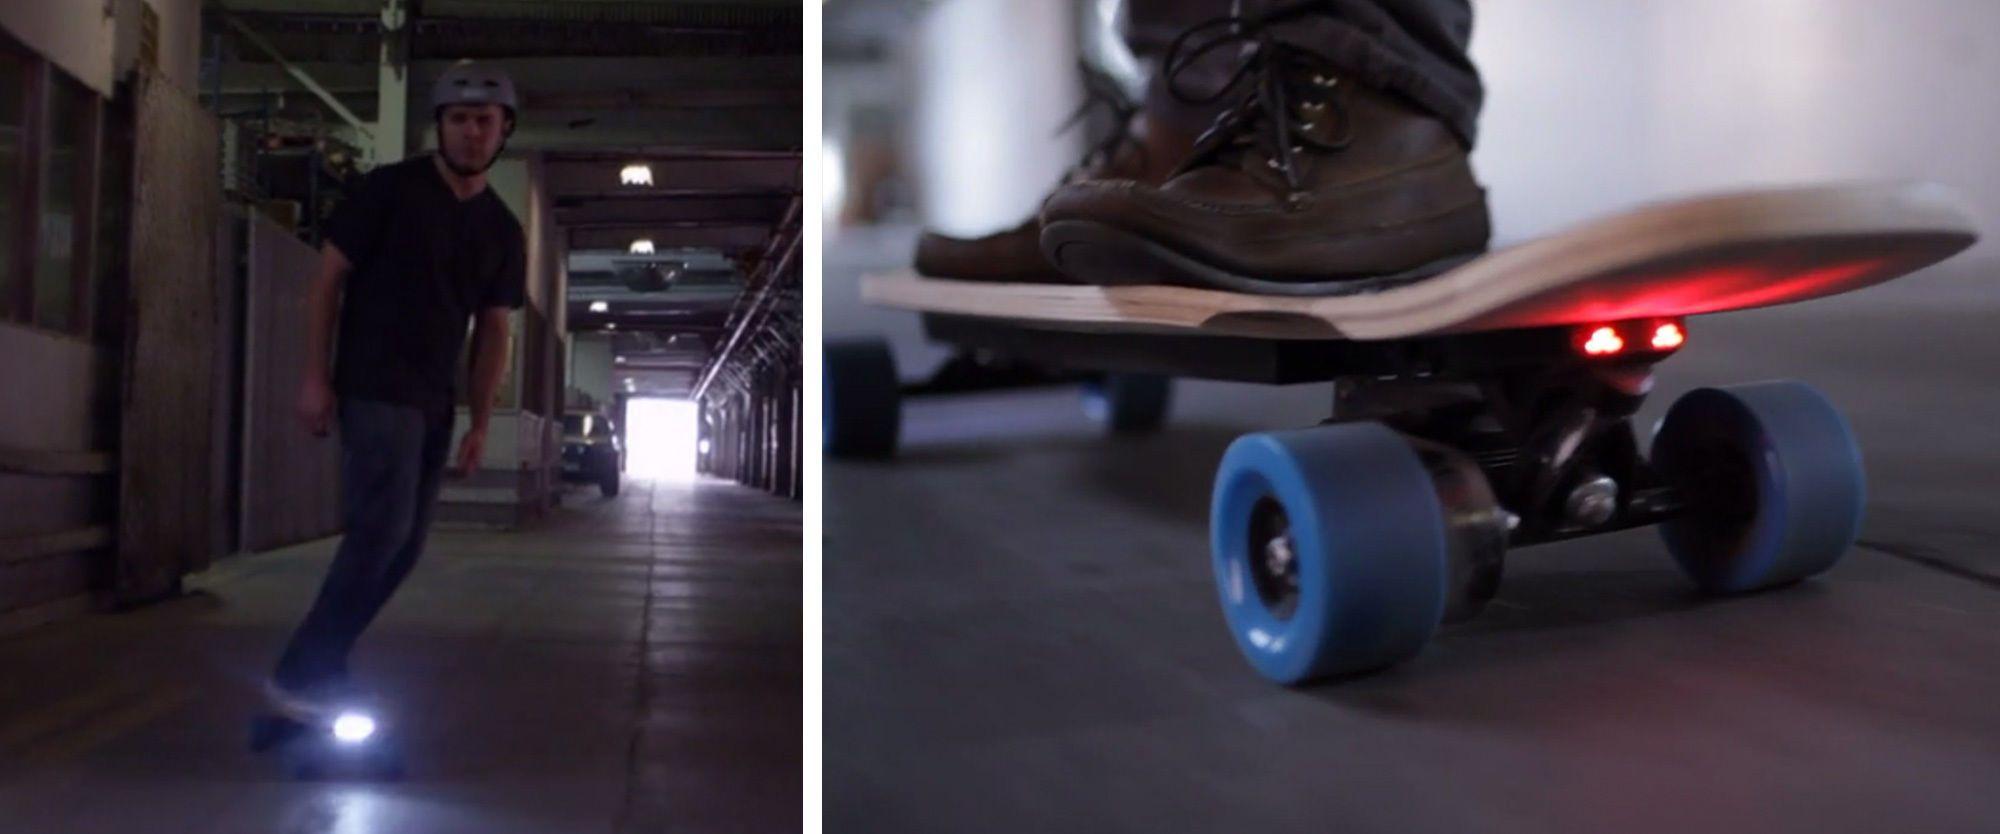 解決你的「最後三公里」:智慧電動滑板 Inboard 和ZBoard 2 - tw223新聞網